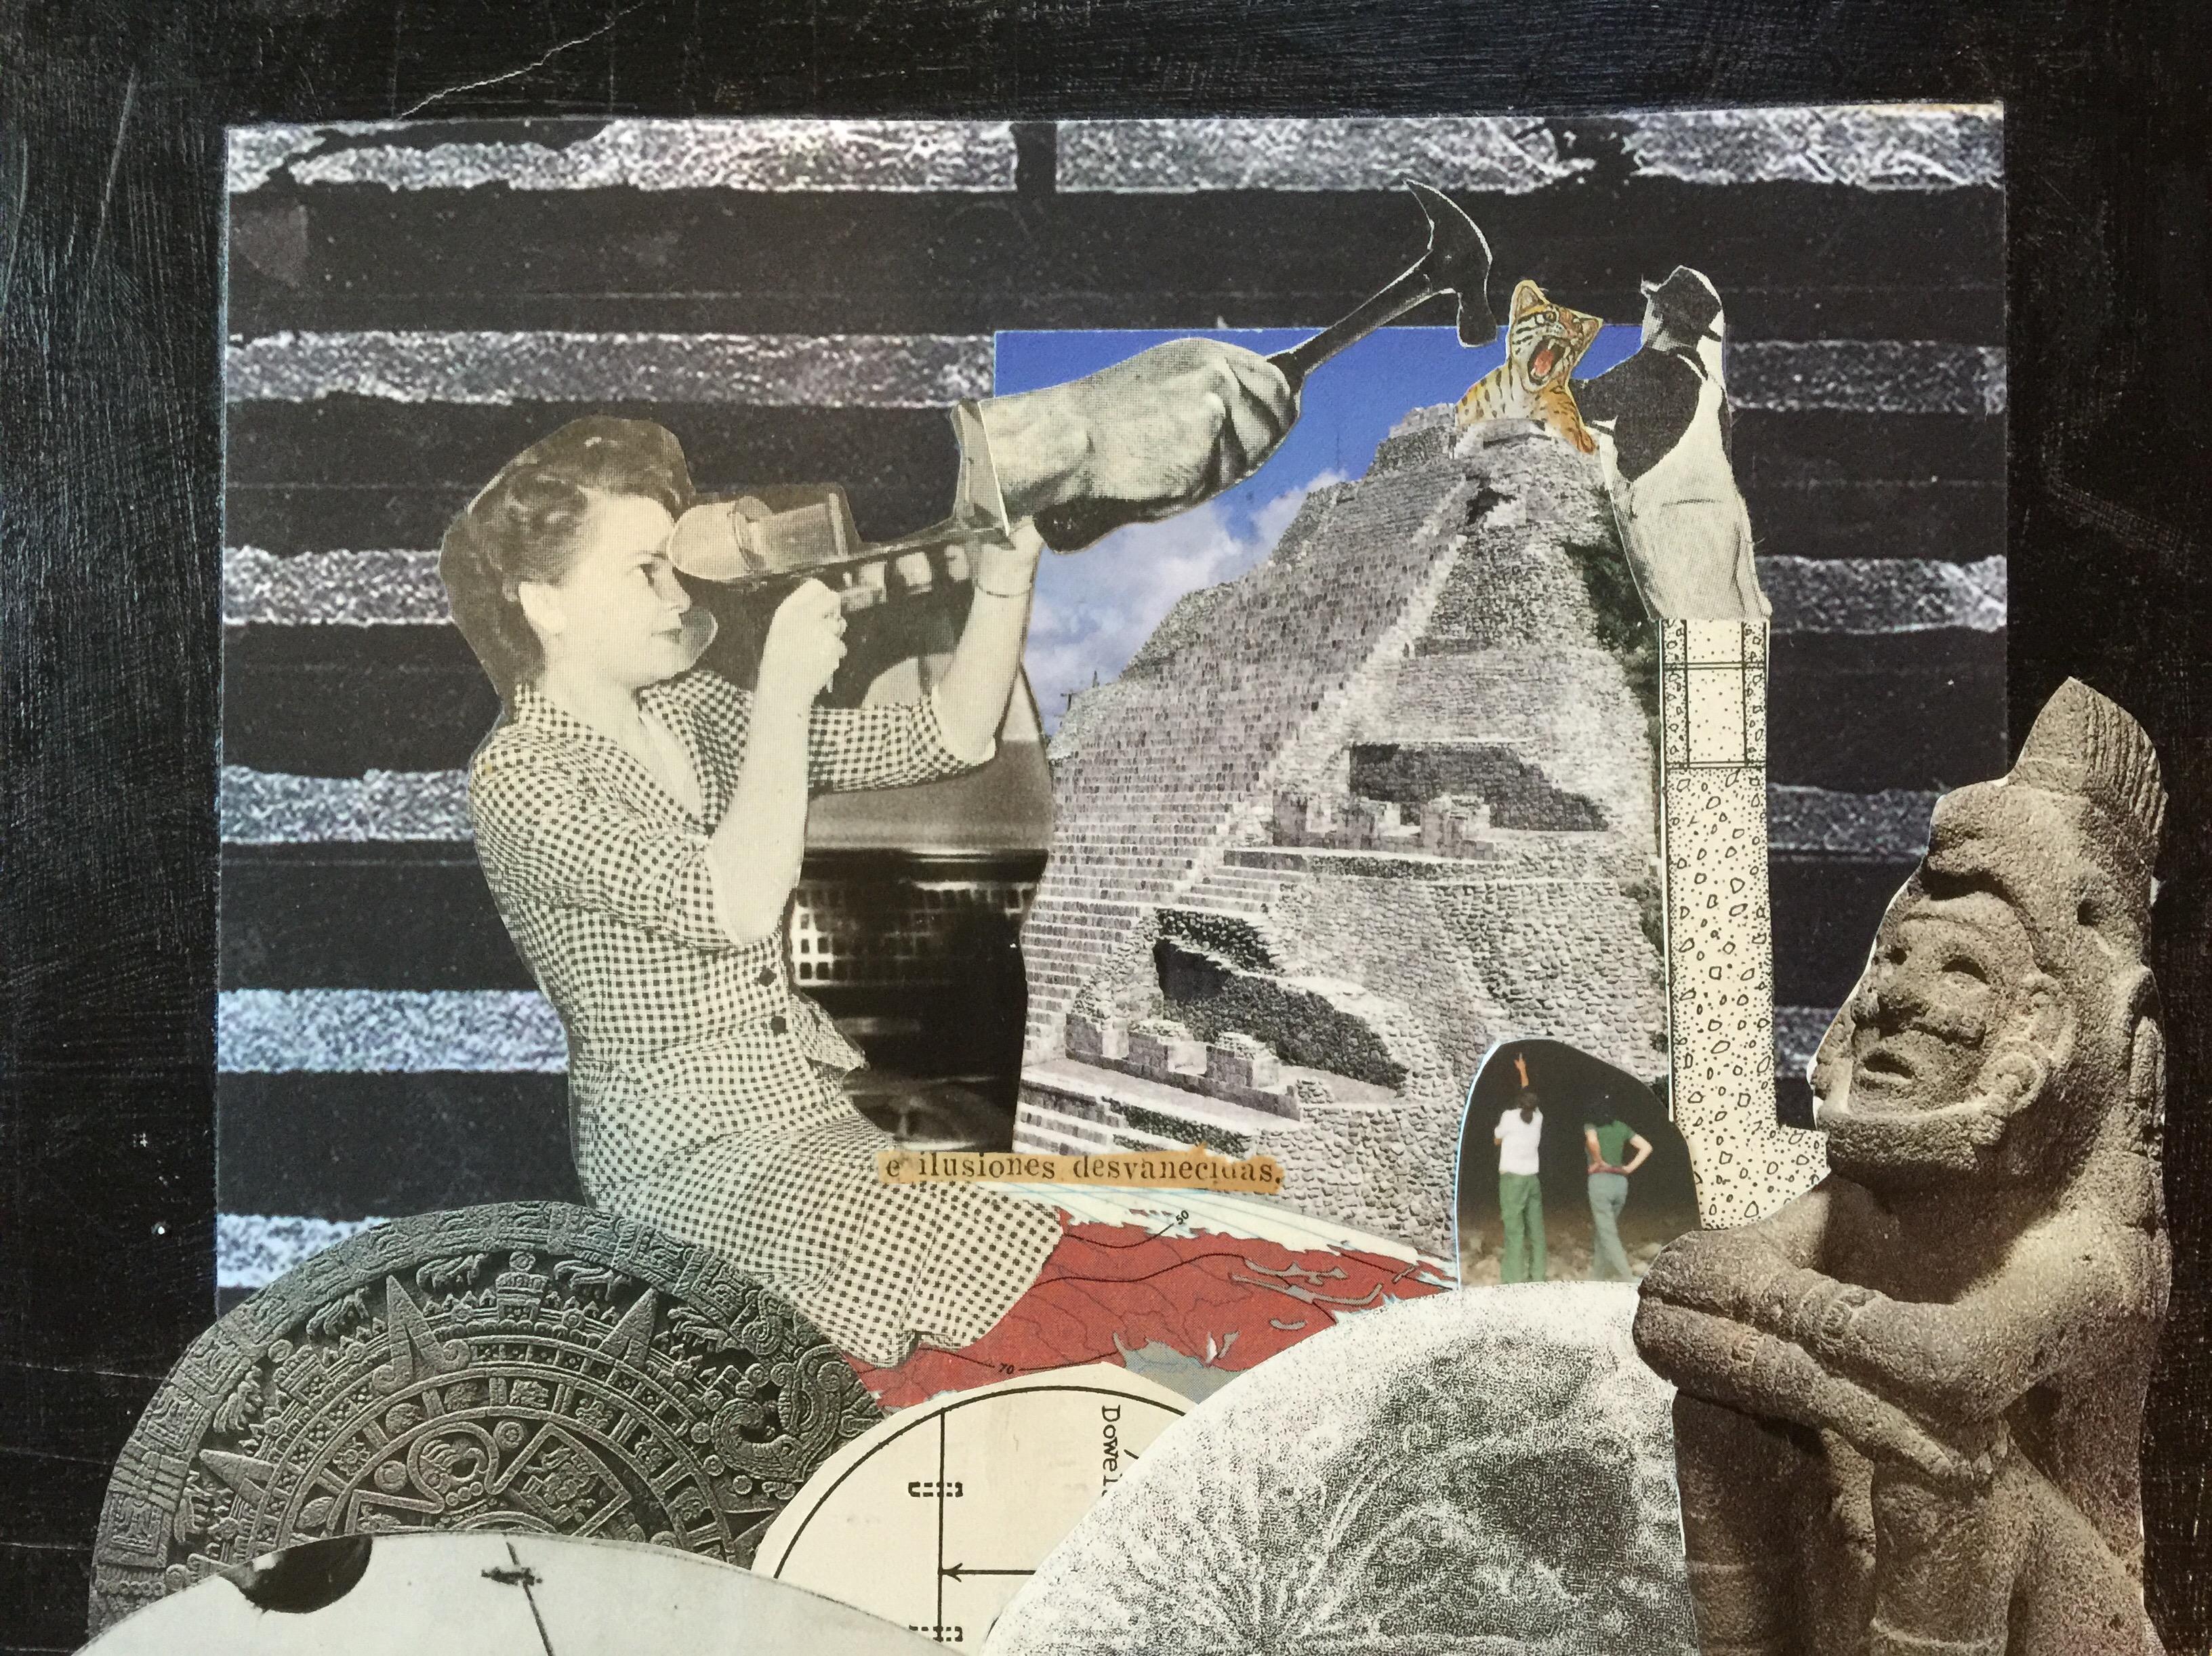 ilusiones-desvanecidas-zoom